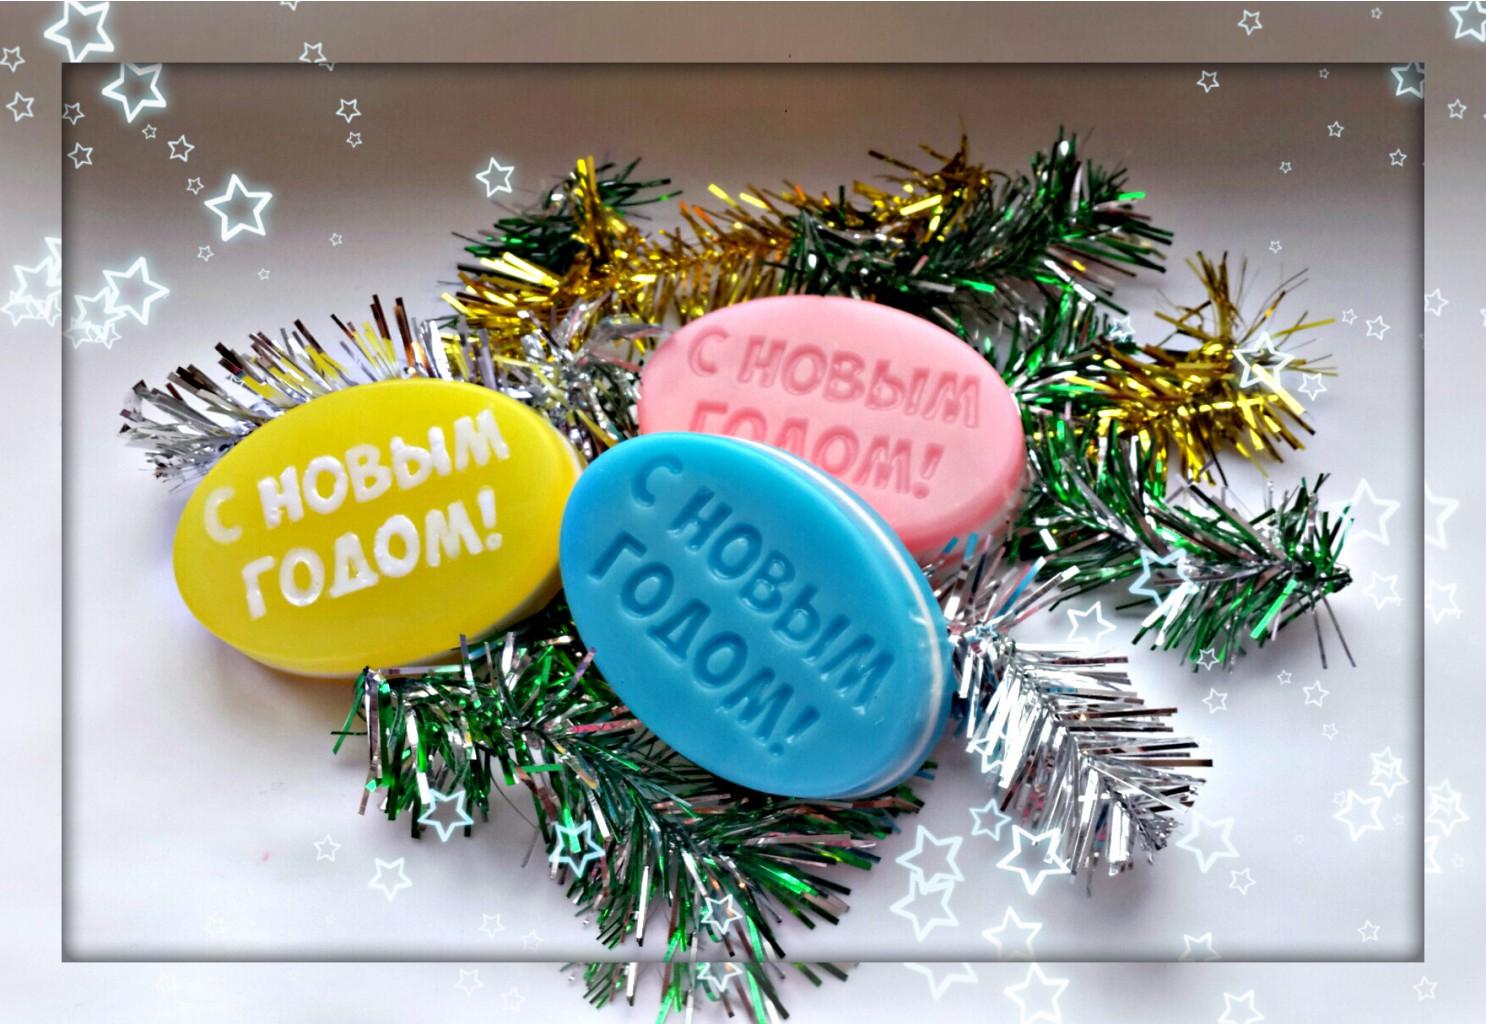 Рекомендую! Мыльный рай!Оригинальные подарки ручной работы !Ваши близкие будут довольны!букеты из конфет!Подарок каждому участнику!Теперь мыльце от 5р!Начинаем готовиться к нг!